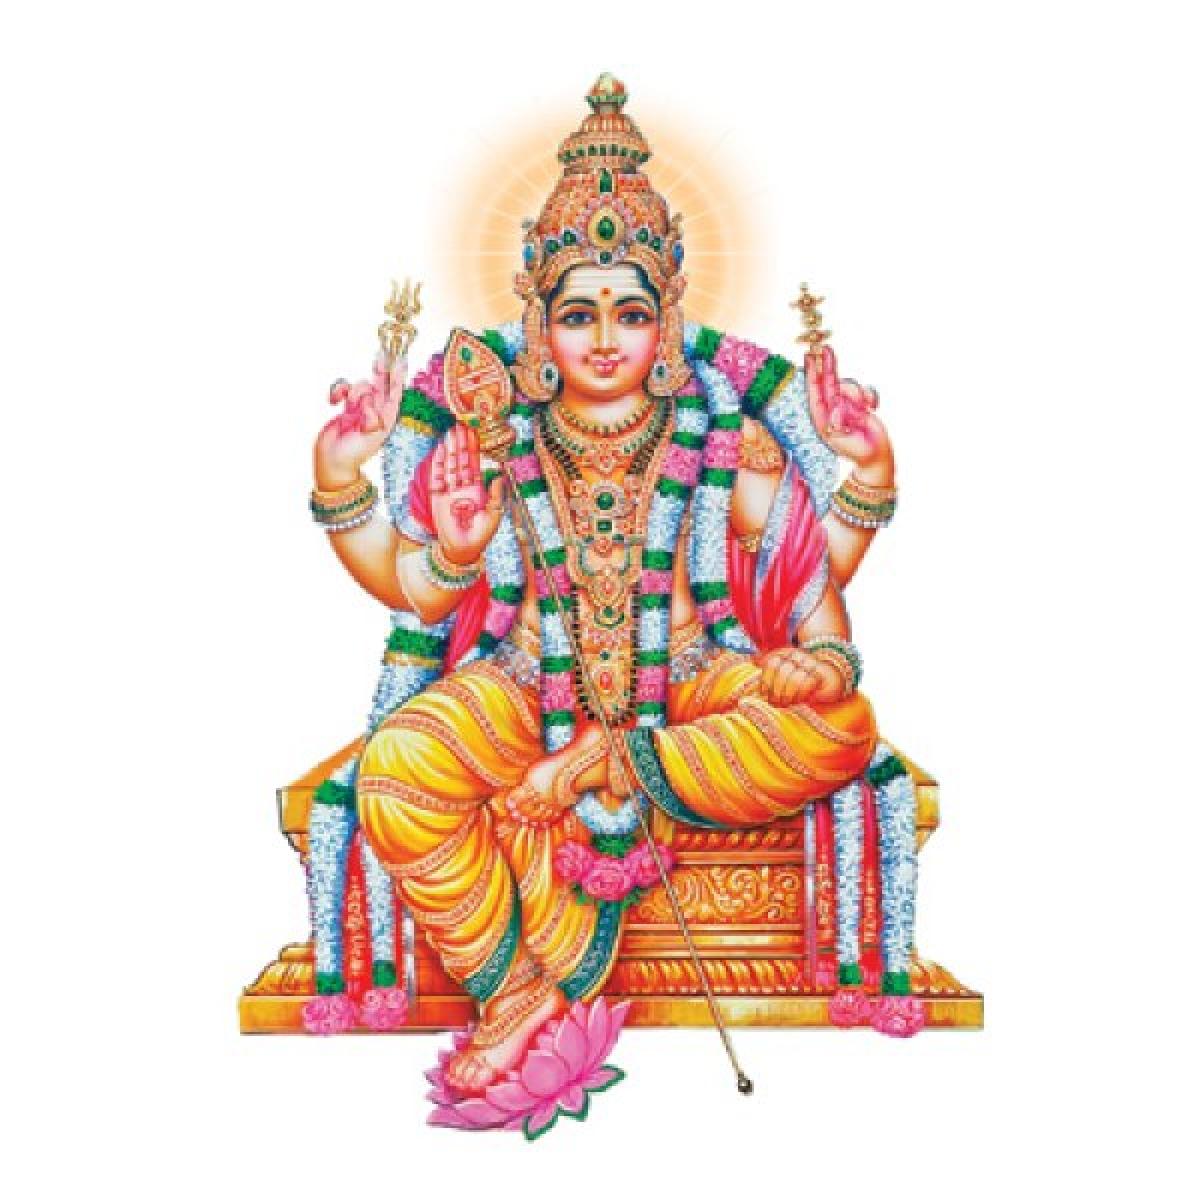 அடுத்த இதழுடன் - விகாரி வருட தமிழ்ப் புத்தாண்டு பலன்கள்!